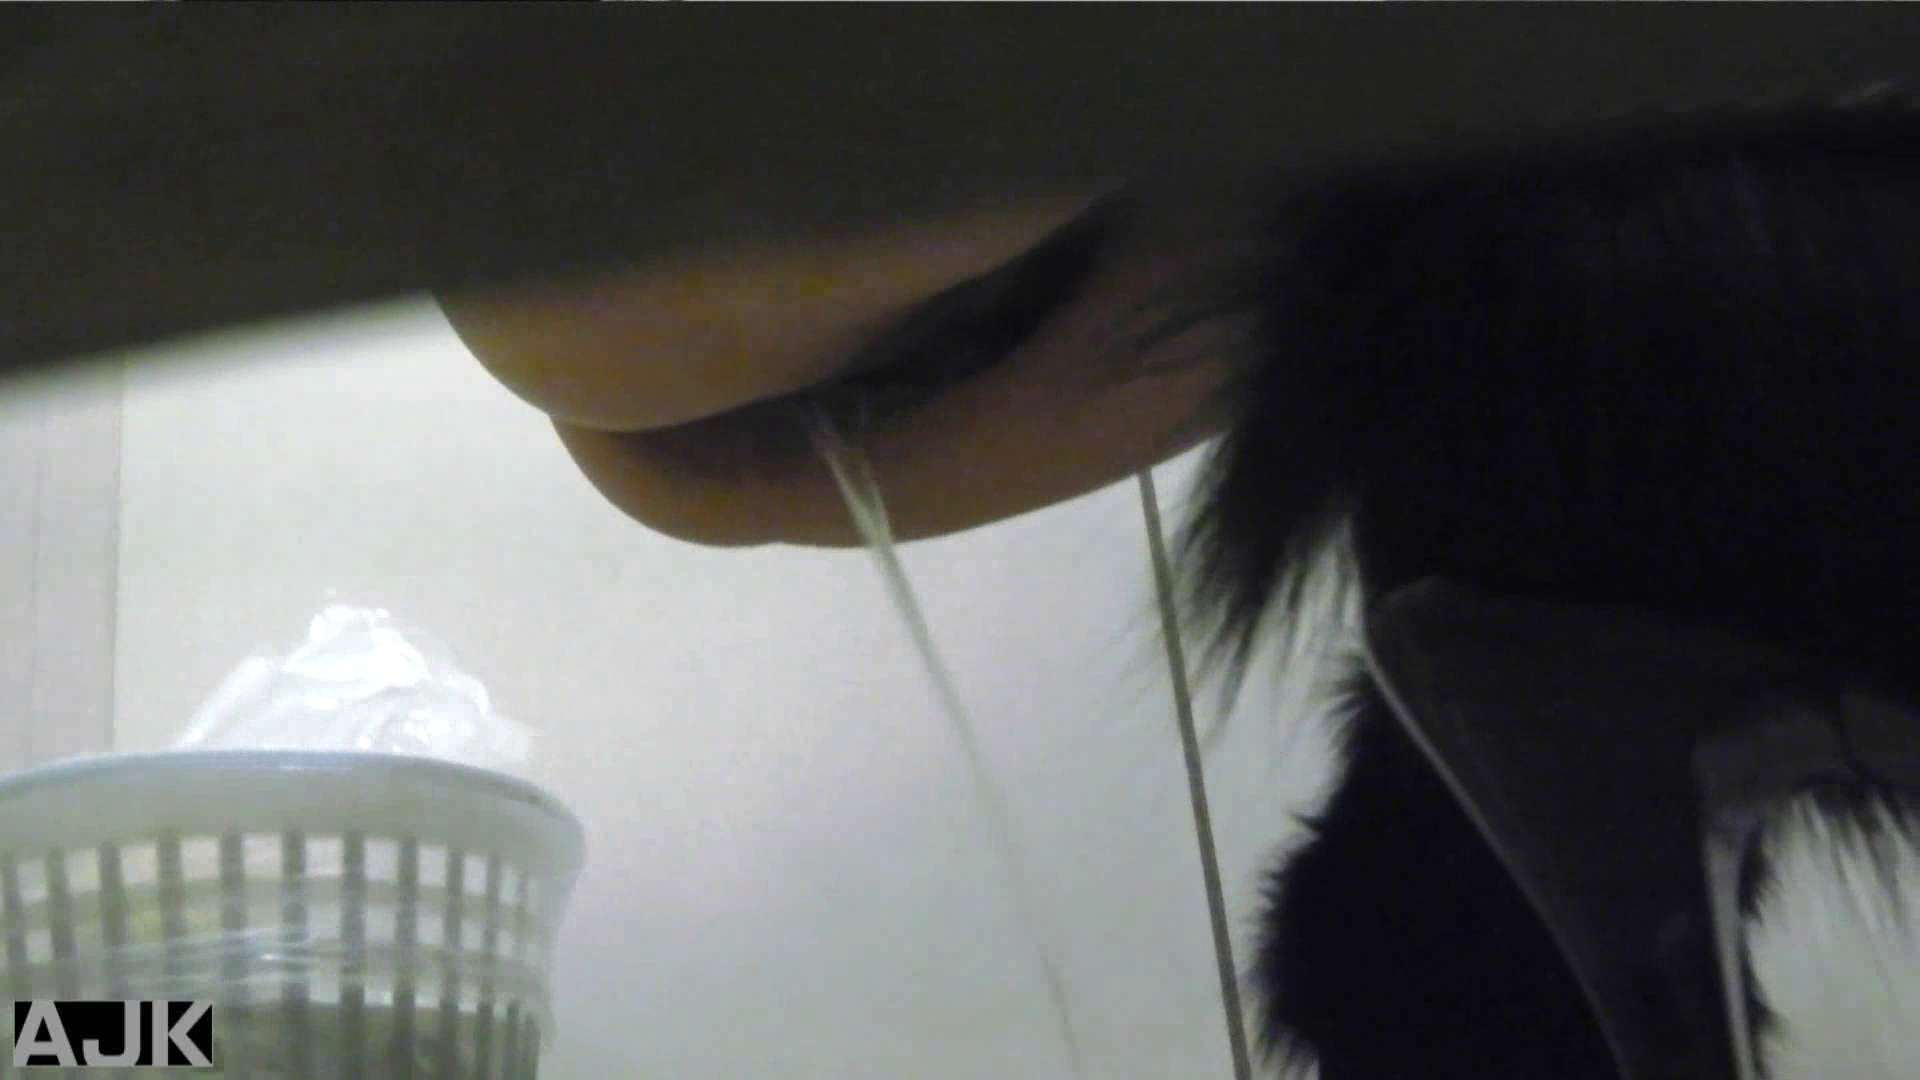 神降臨!史上最強の潜入かわや! vol.28 潜入 AV無料動画キャプチャ 106PIX 75